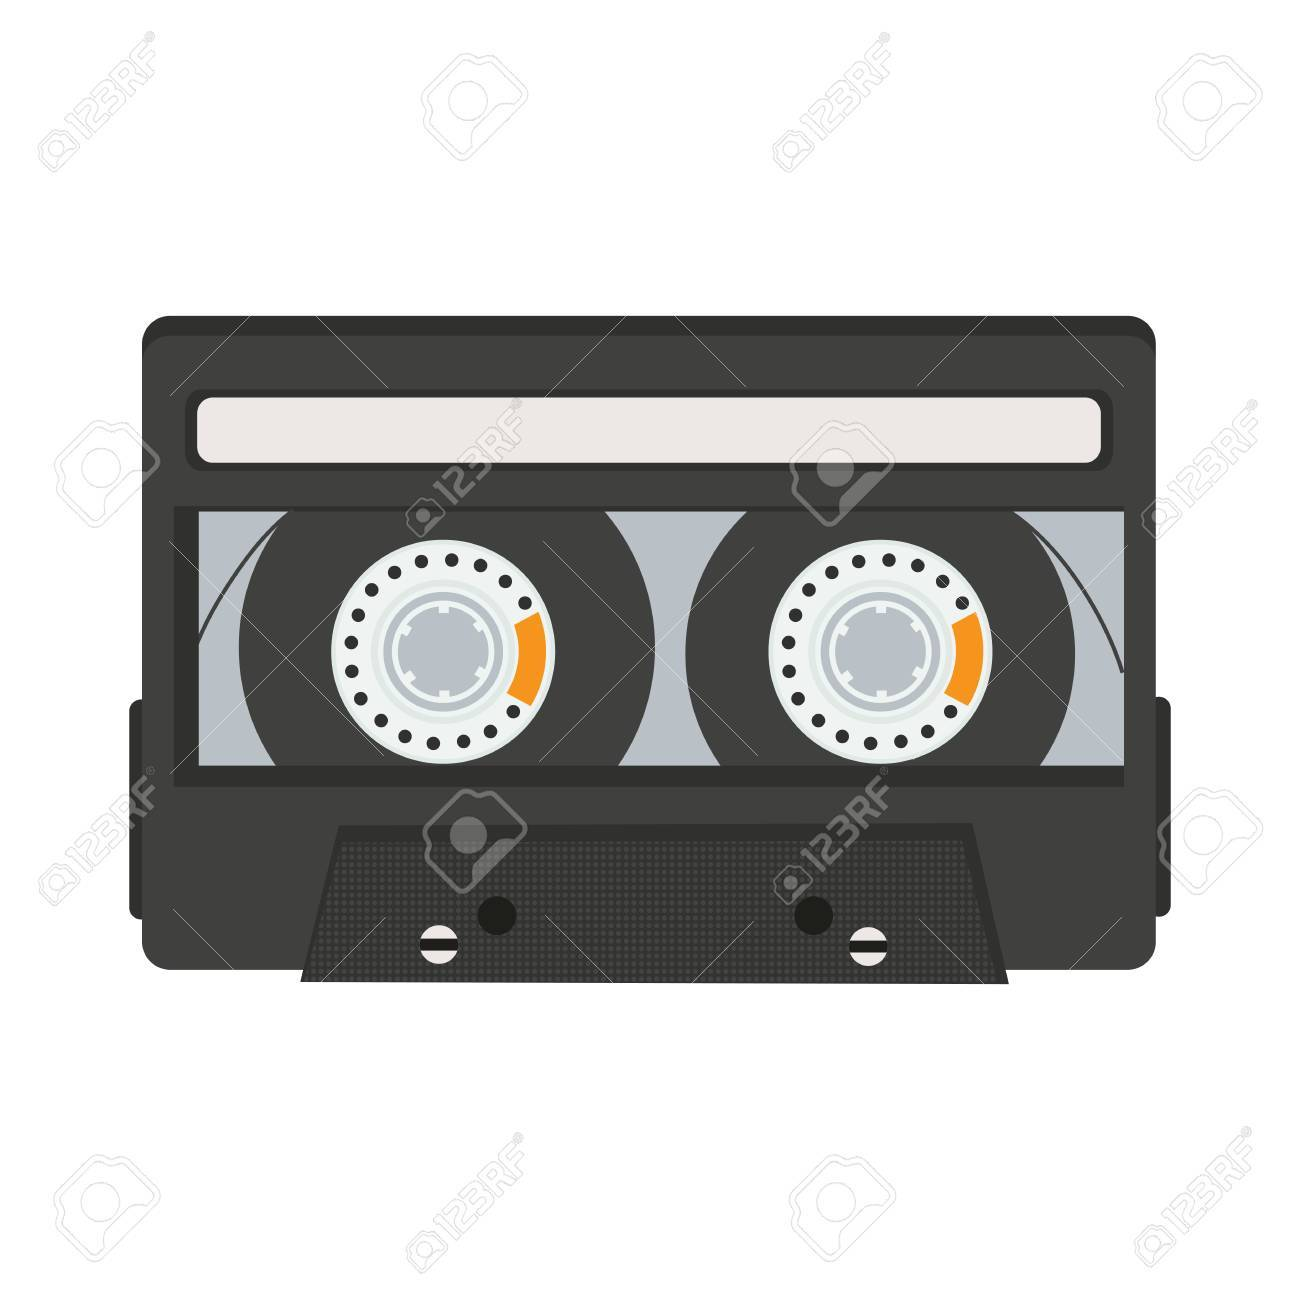 白の背景ベクトル イラストに分離されたカセット テープのイラスト素材